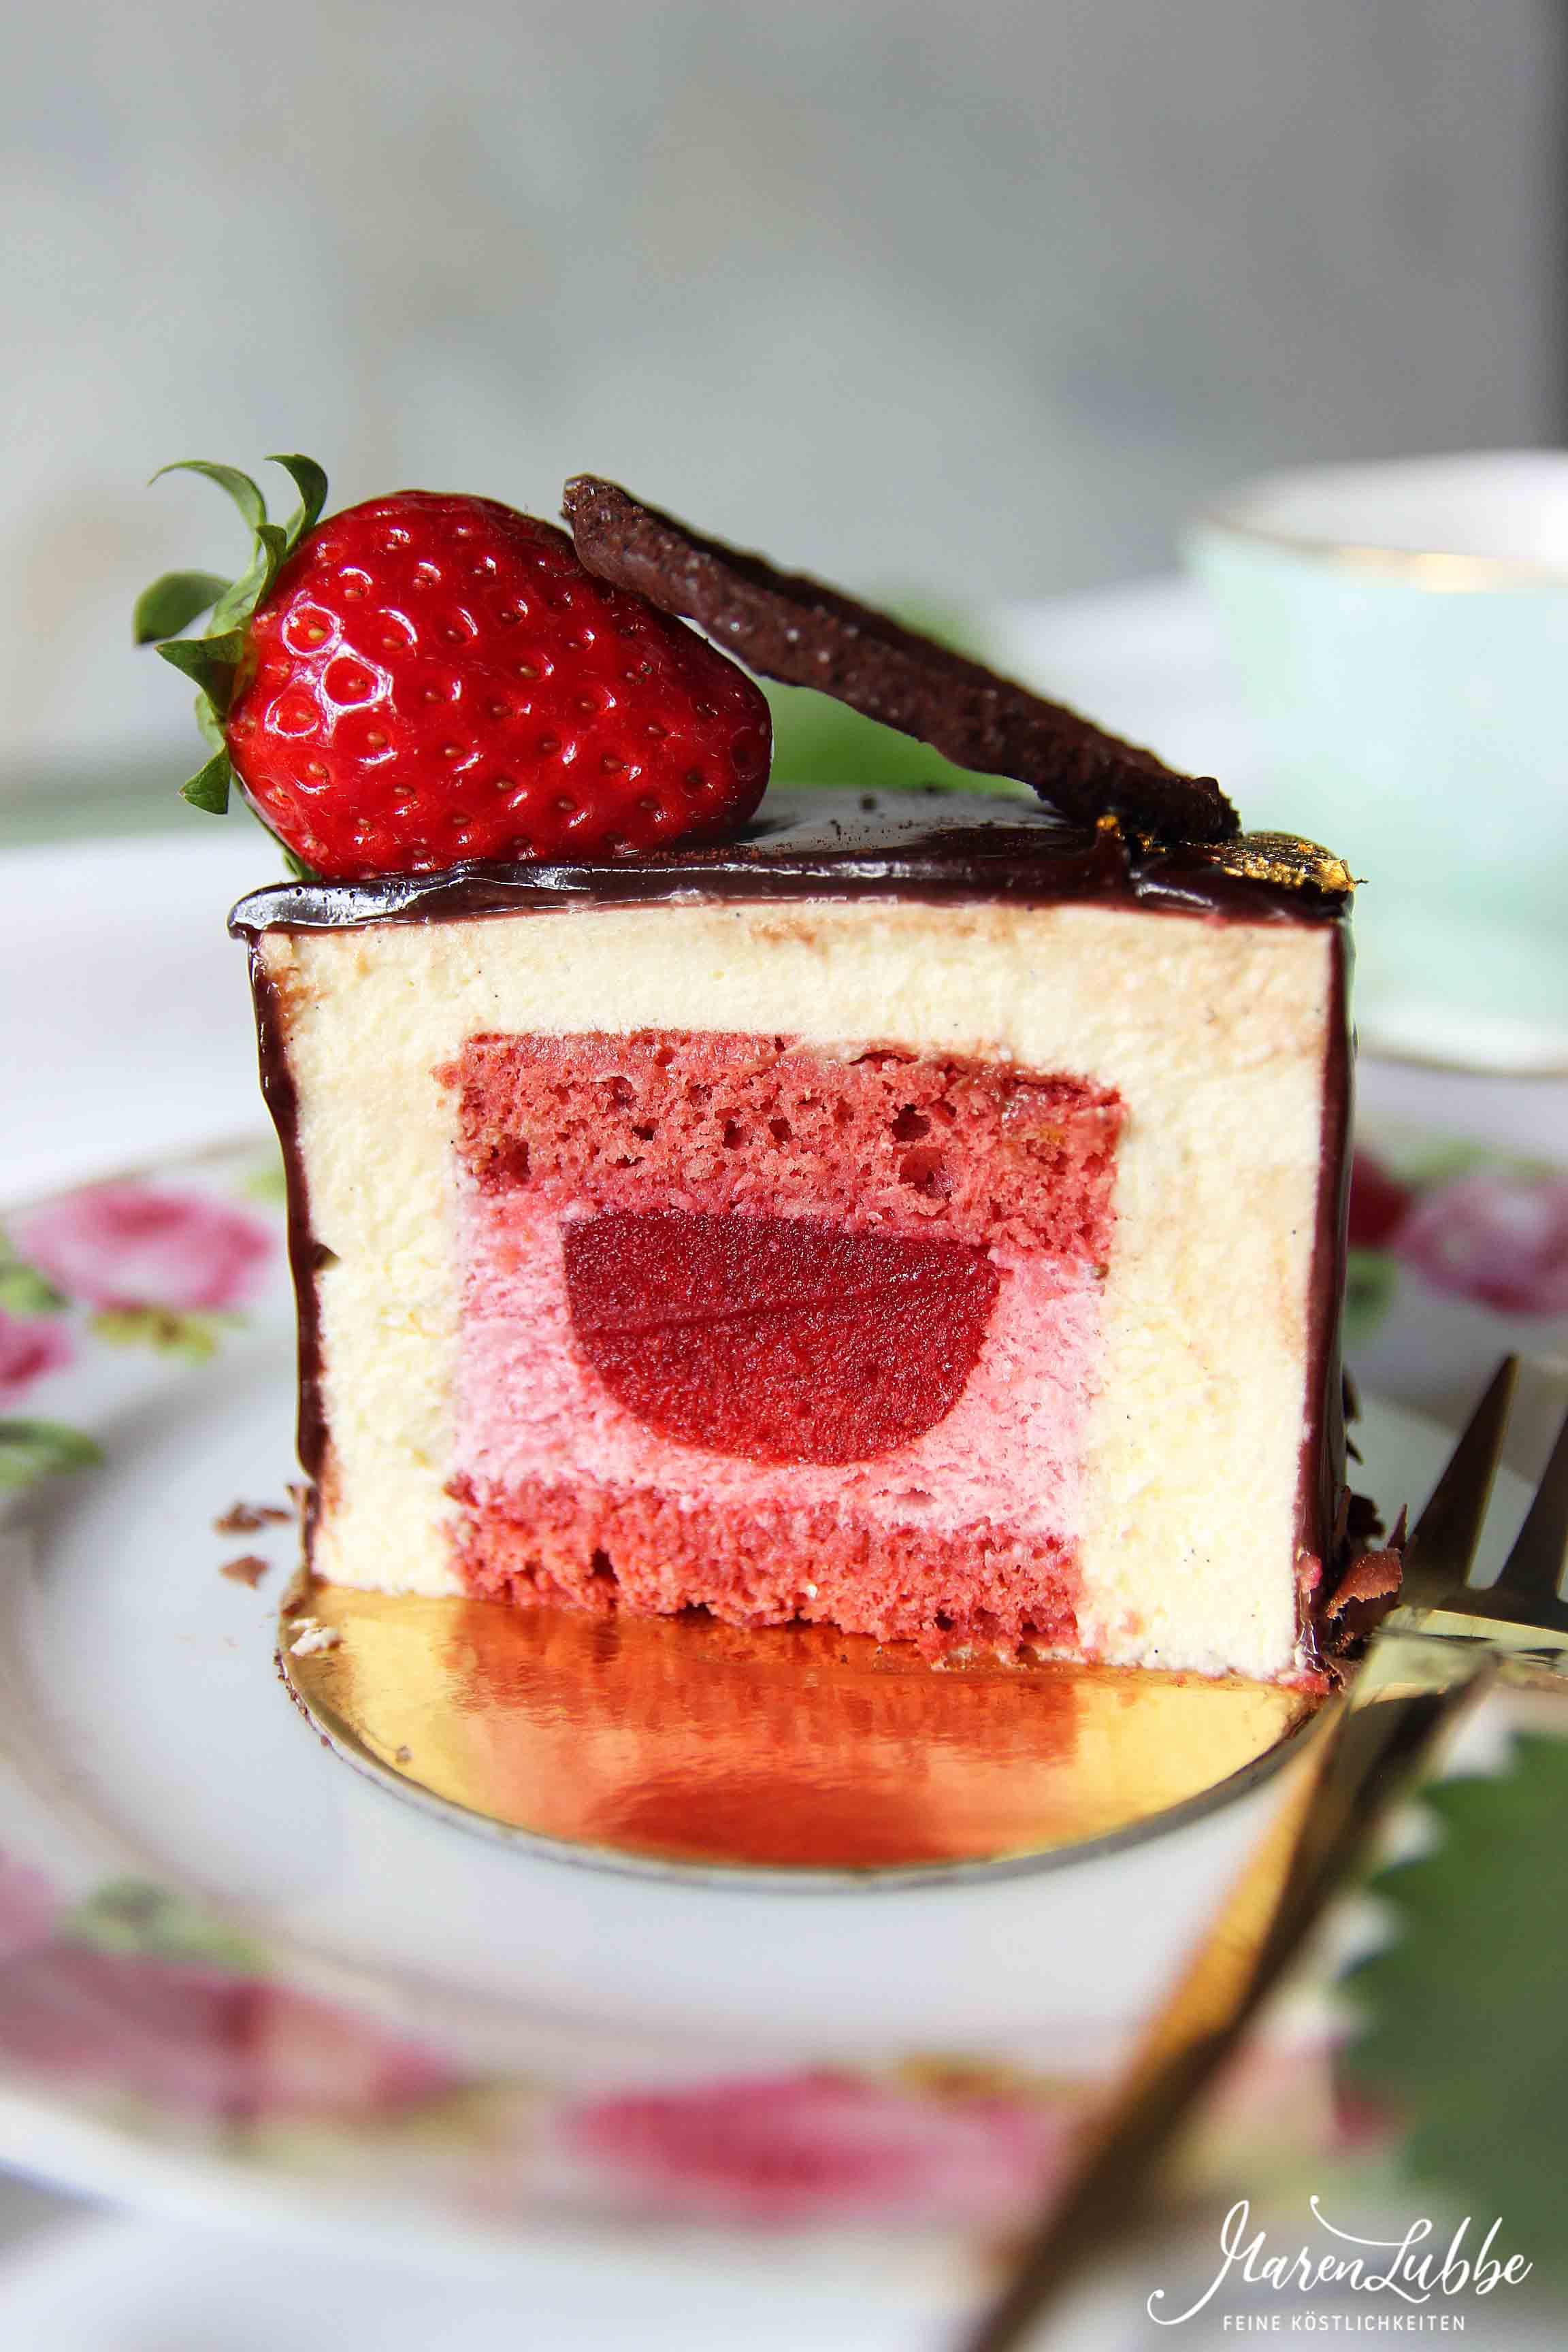 Fürst Pückler Törtchen - Schokolade - Vanille - Erdbeere